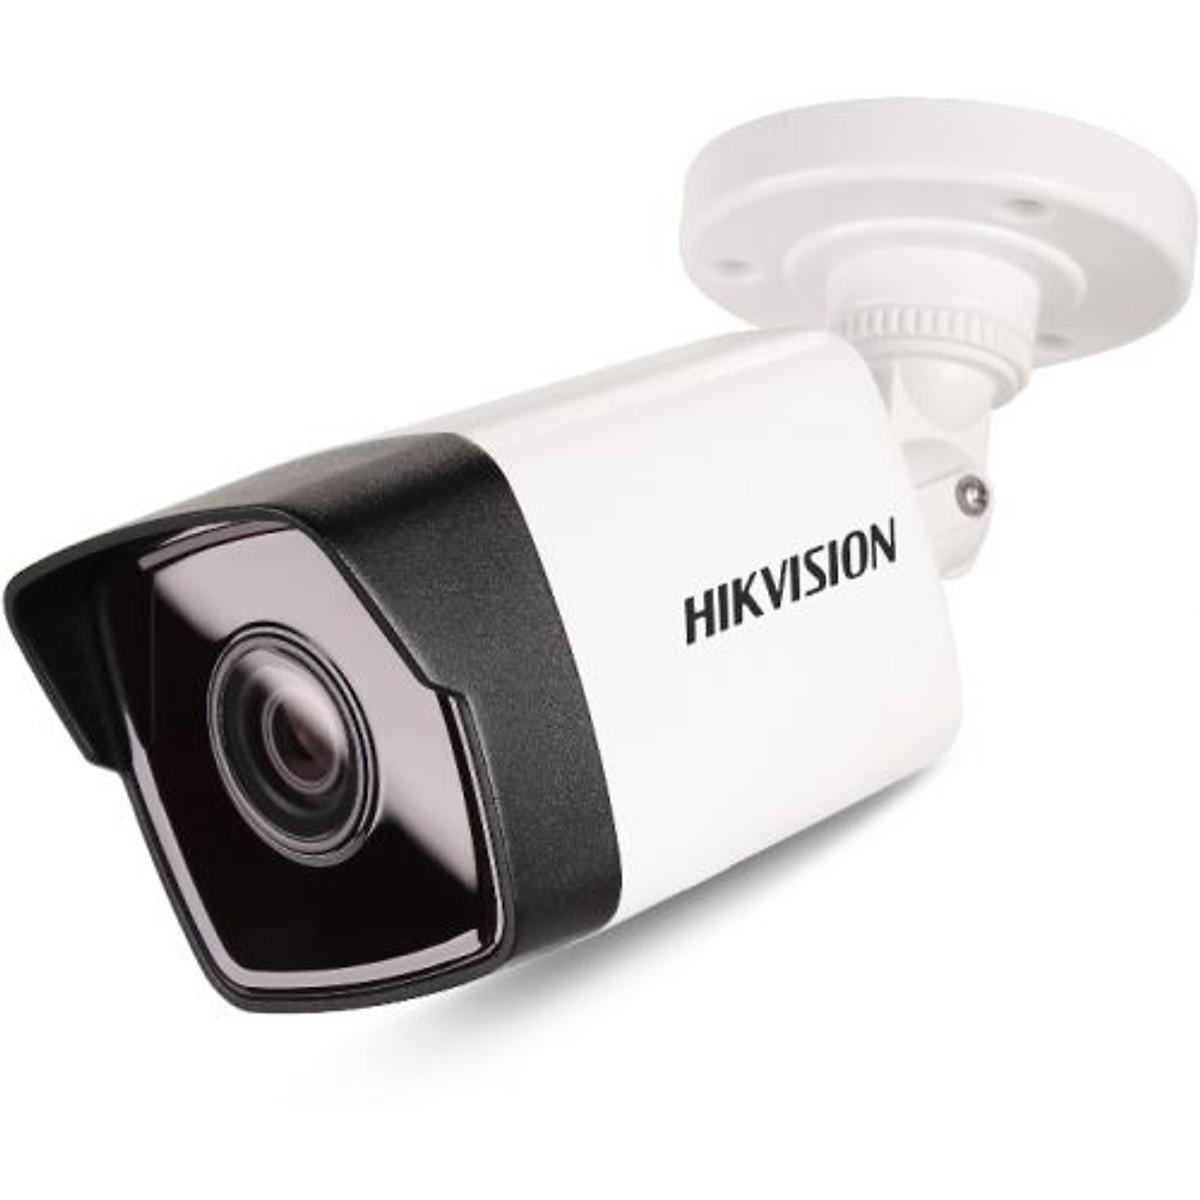 Camera Giám Sát An Ninh IP Wifi Không Dây 4.0 MP - Hikvision DS-2CD1043G0-I Chính hãng